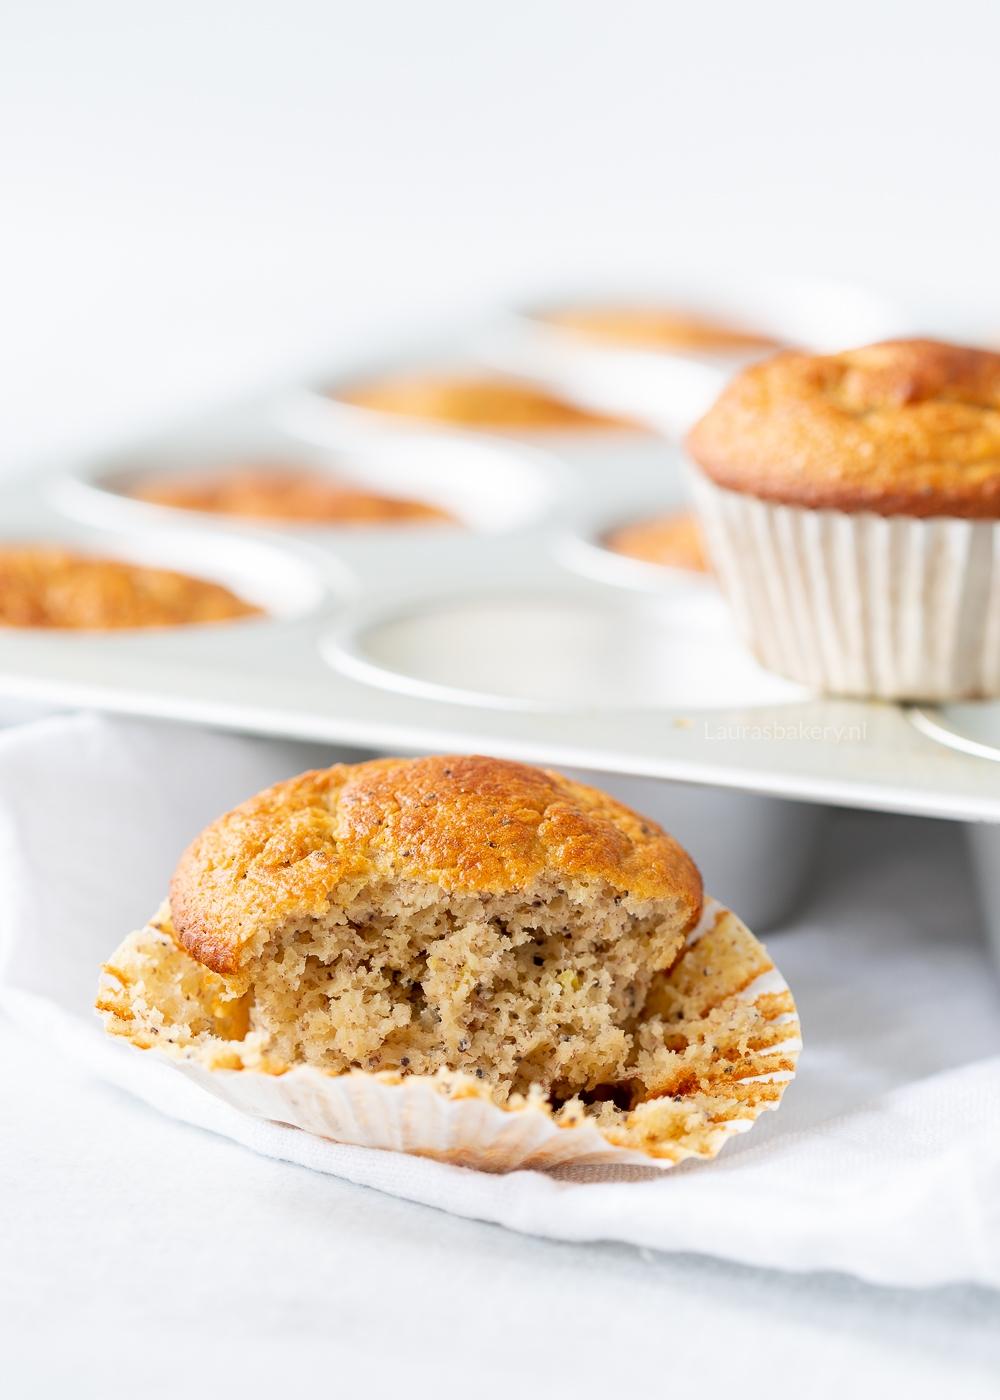 Citroen-maanzaad bananenbrood muffins